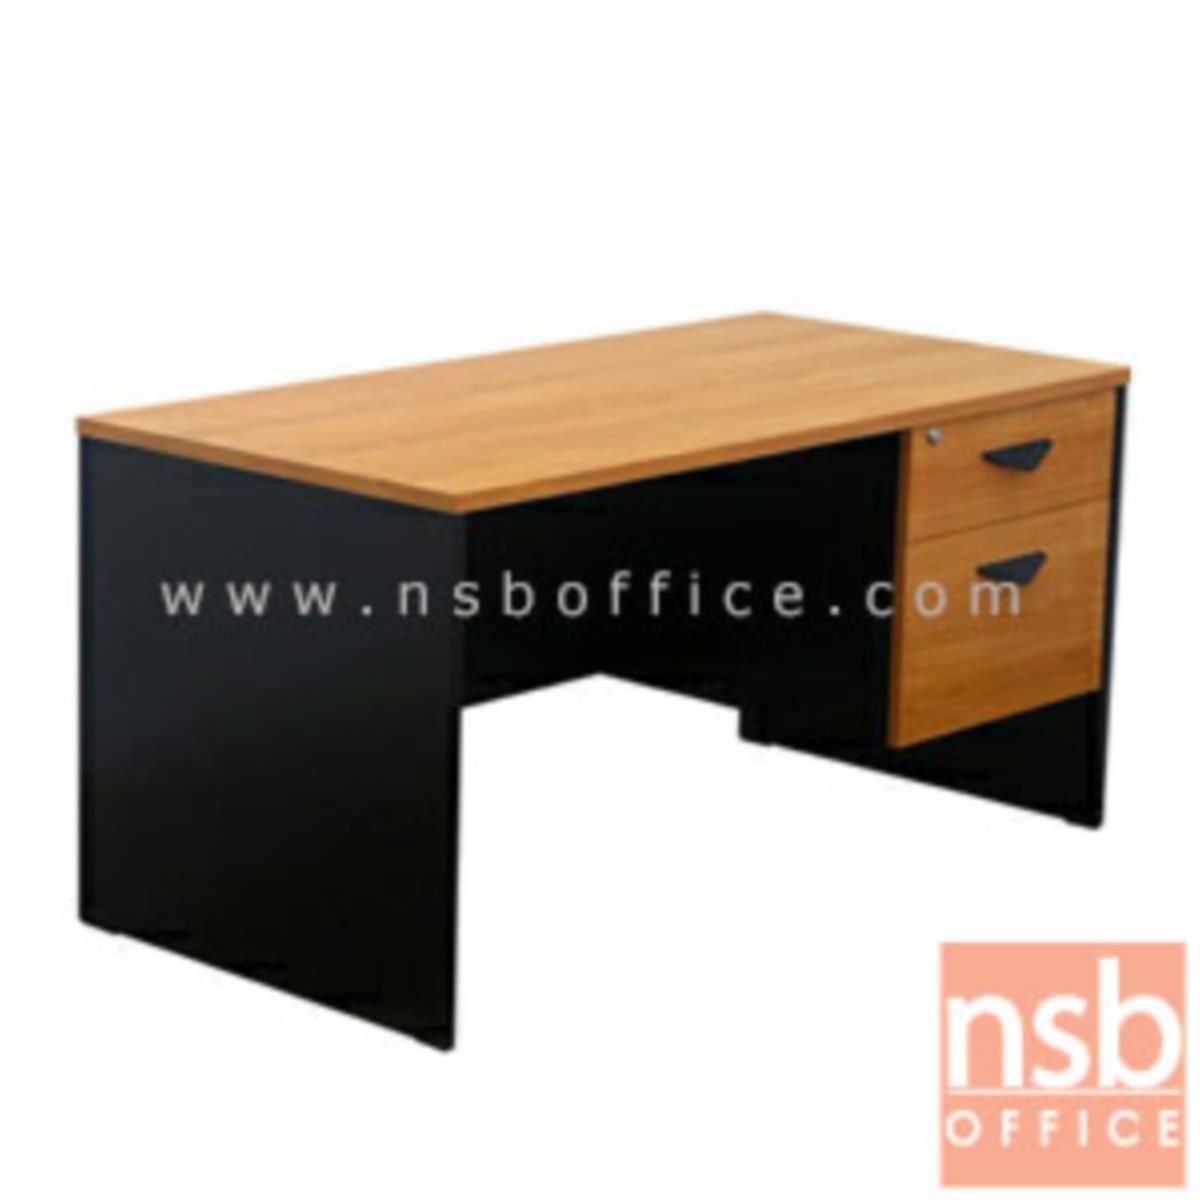 A16A001:โต๊ะทำงาน 2 ลิ้นชัก รุ่น Jam (แจม) ขนาด 120W, 150W cm.  เมลามีน